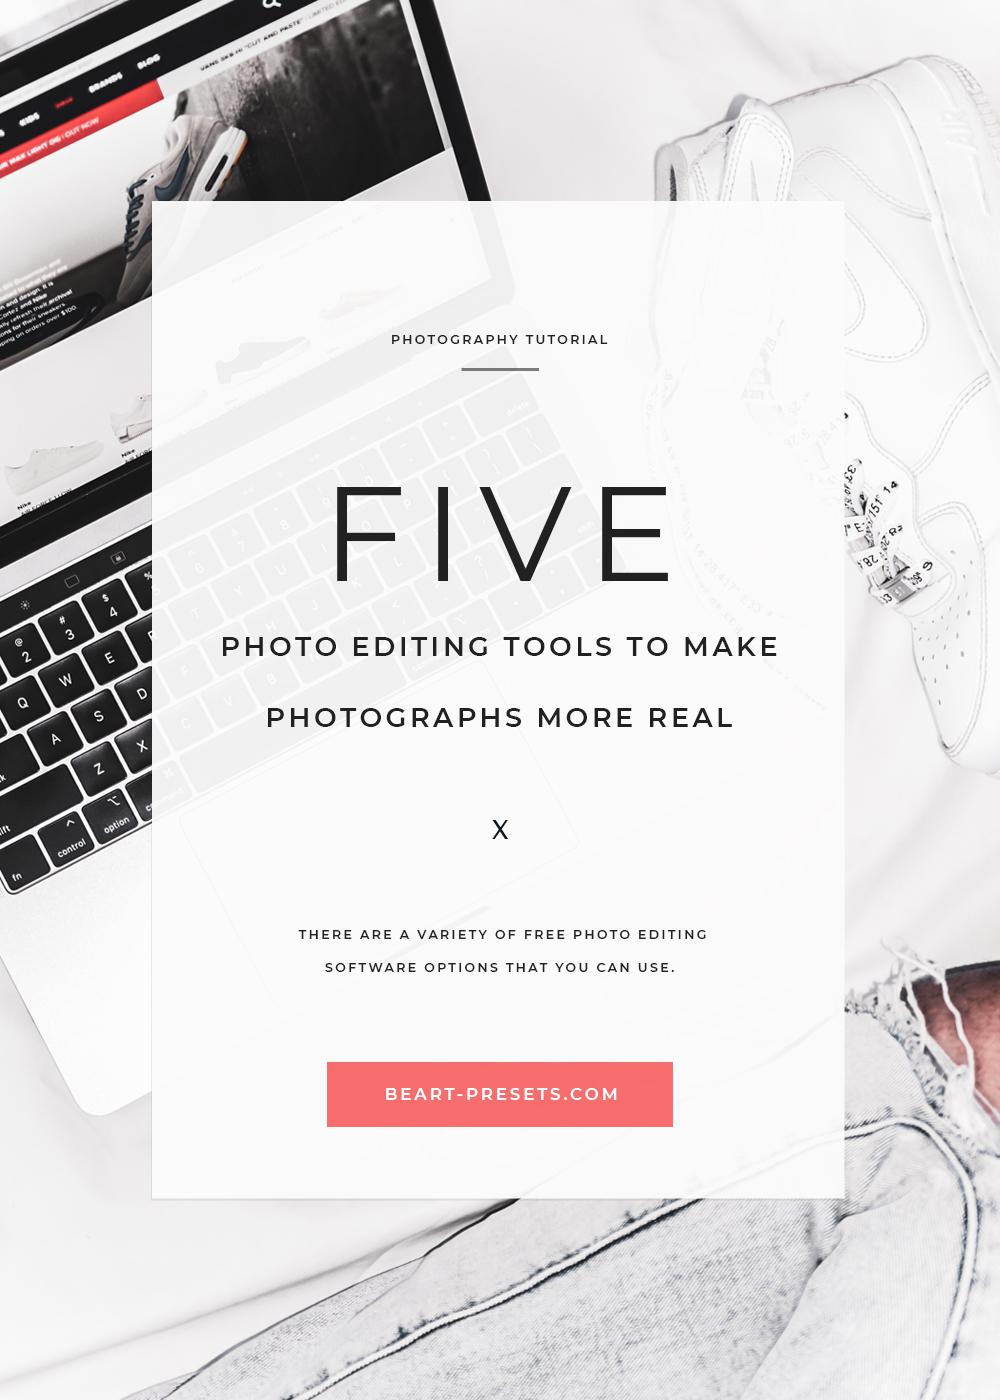 photo editing tools